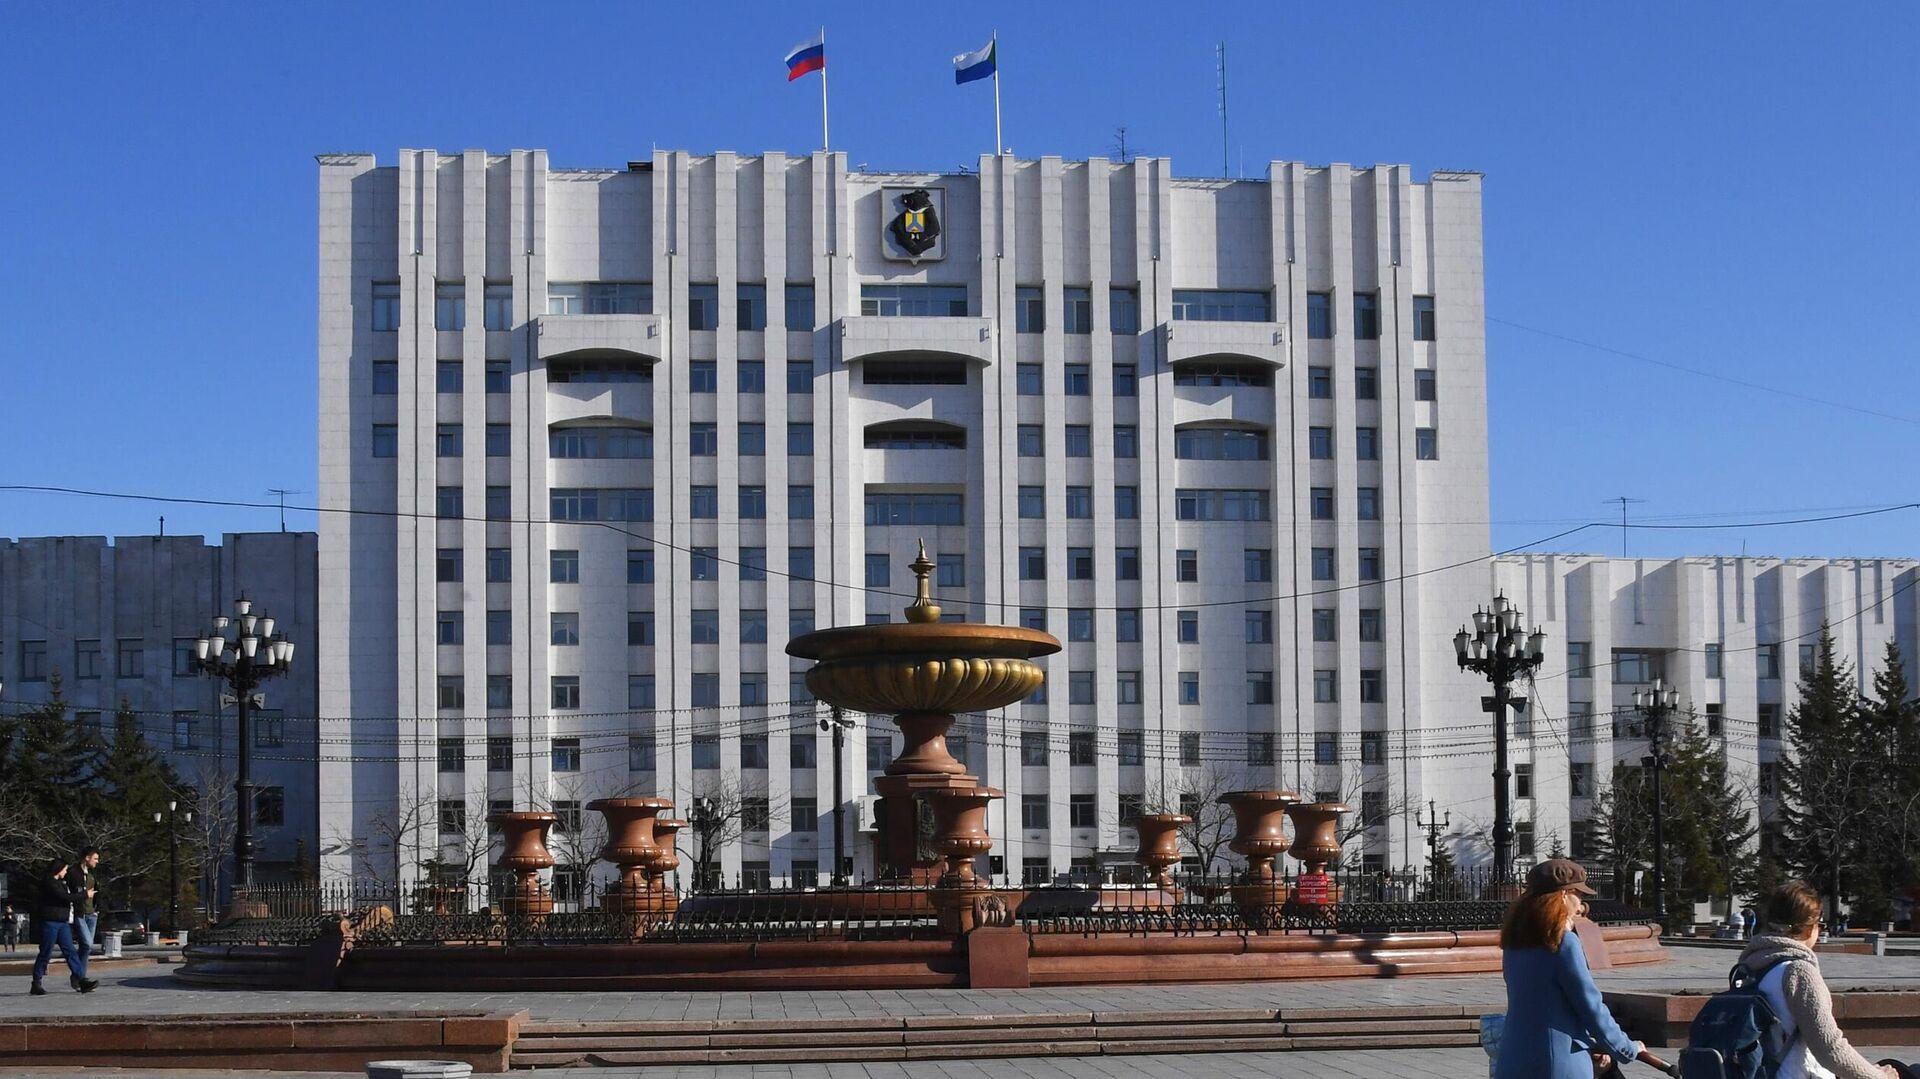 Площадь Ленина в Хабаровске - РИА Новости, 1920, 07.06.2021